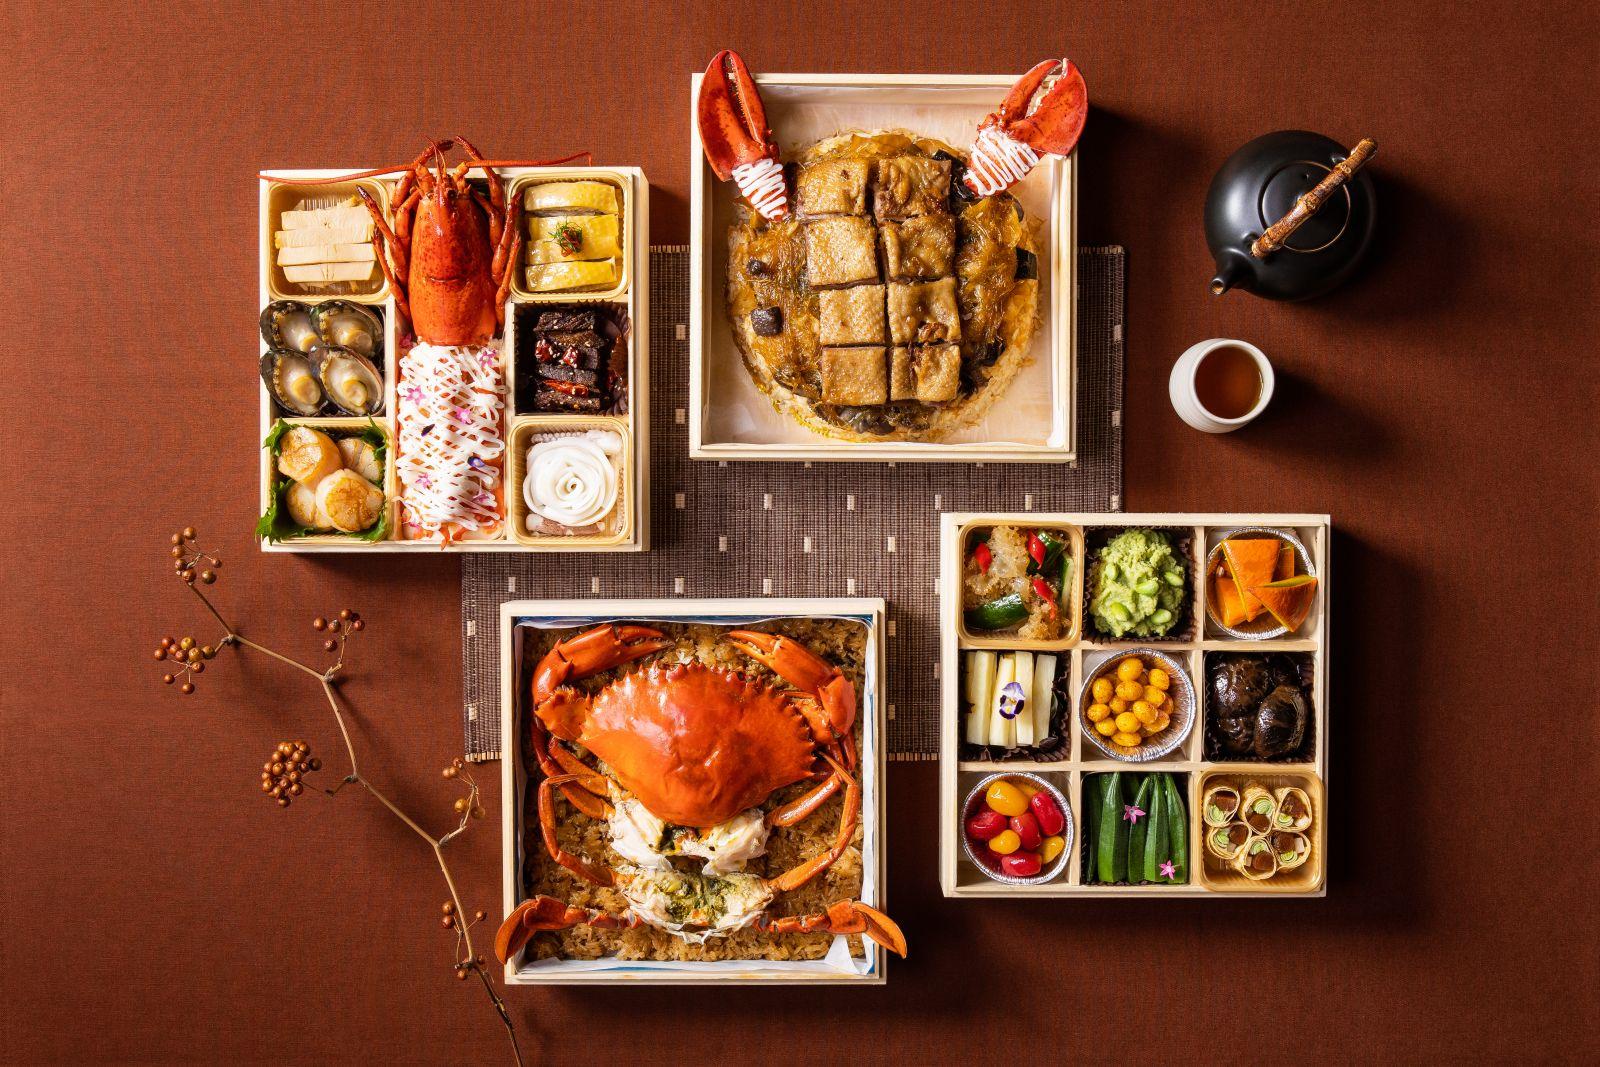 【歡慶父親節】國賓台菜外帶禮盒